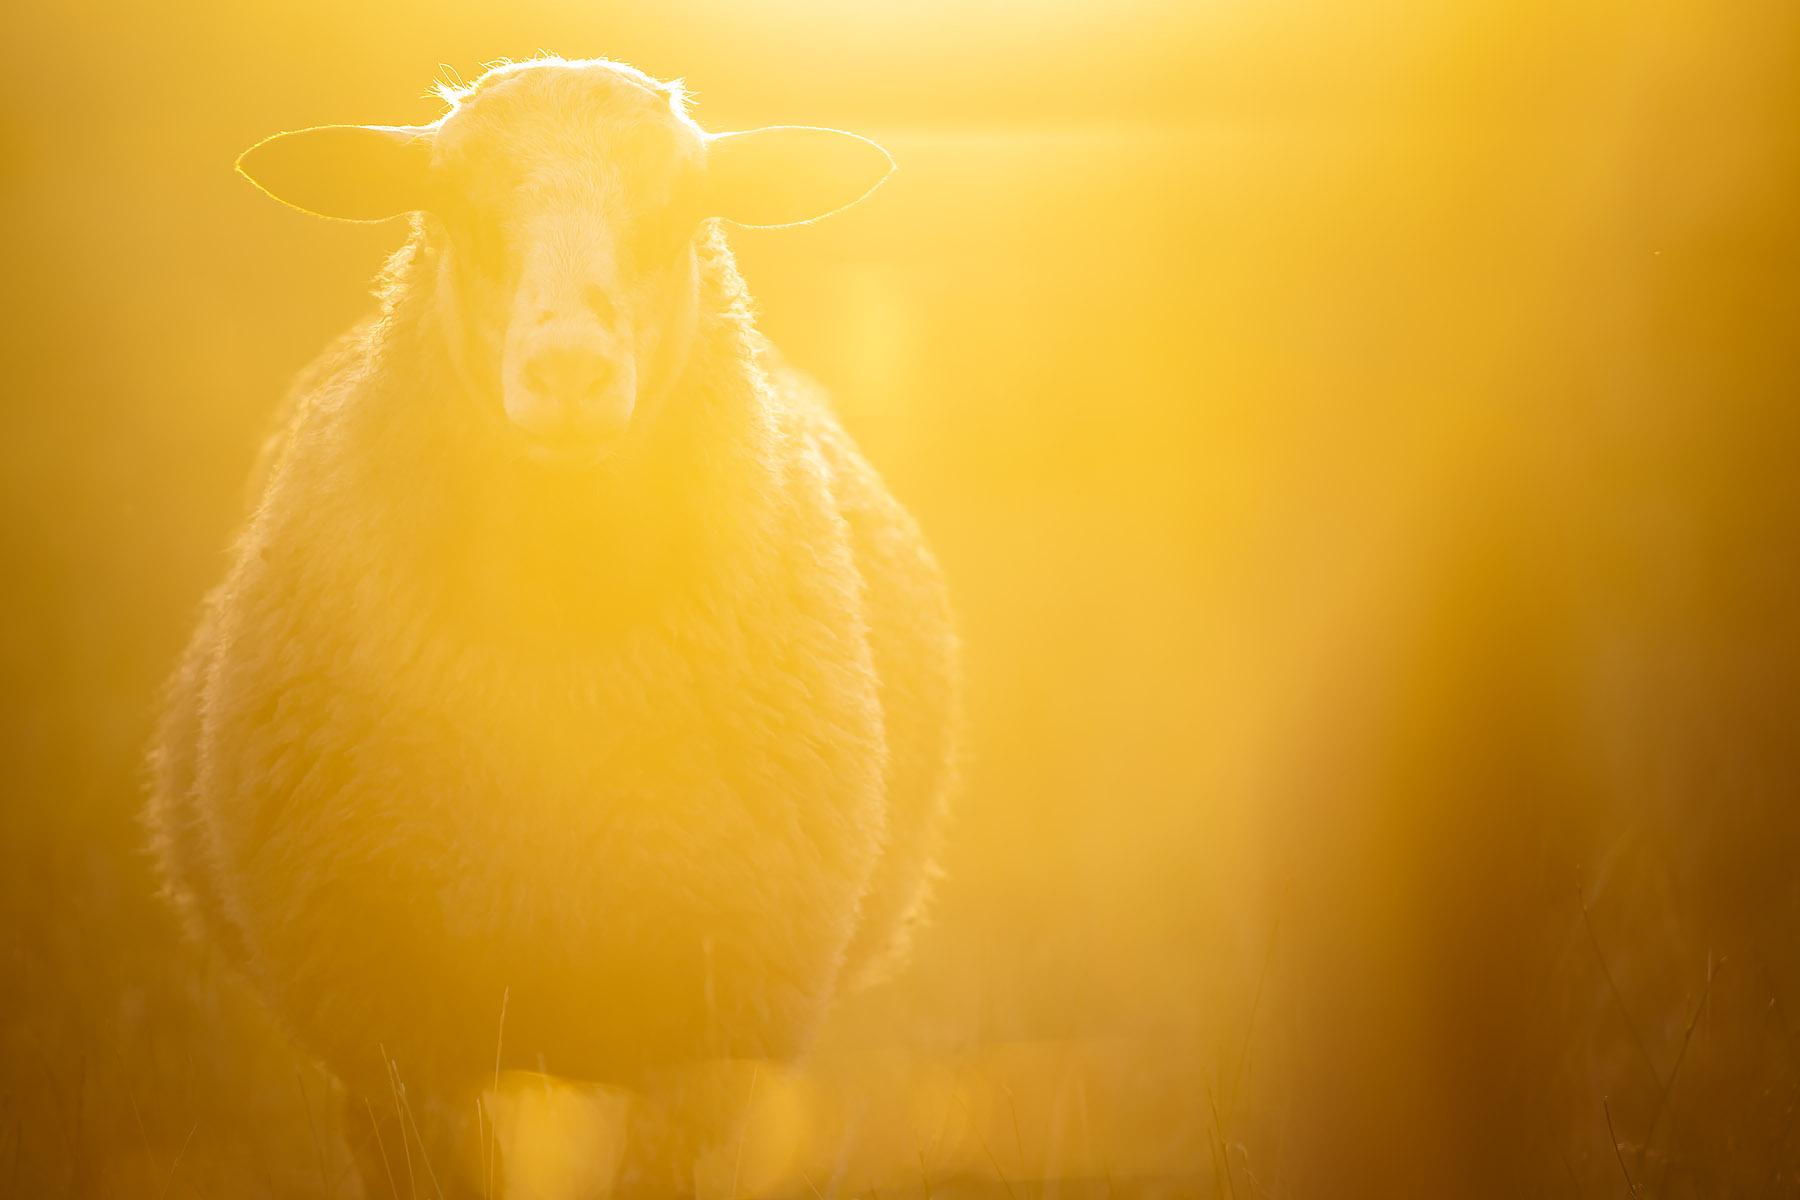 glenn vanderbeke, landschapsfotografie, landschapsfotograaf, foto uitstap, foto dagtrip, fotografische dagtrip, west-vlaamse fotografen, west-vlaamse fotograaf, Foto uitstap, Vlaanderen, West-Vlaanderen, Aartrijke, fotografie uitstap, fotogafie Aartrijke, fotograaf Aartrijke, Schapen in avondzon, schapen